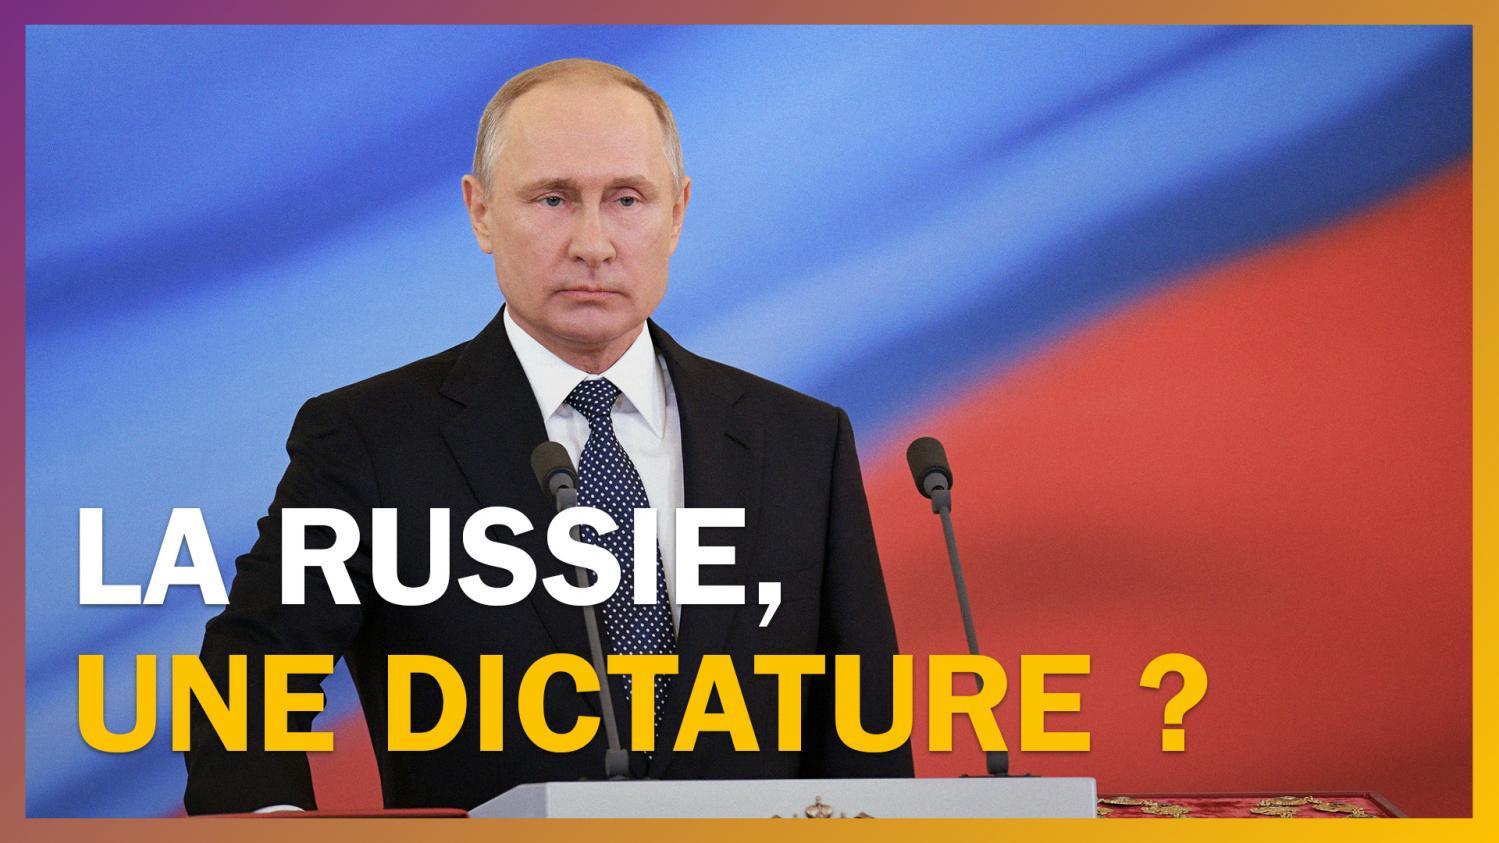 Les idées claires : la Russie est-elle une dictature